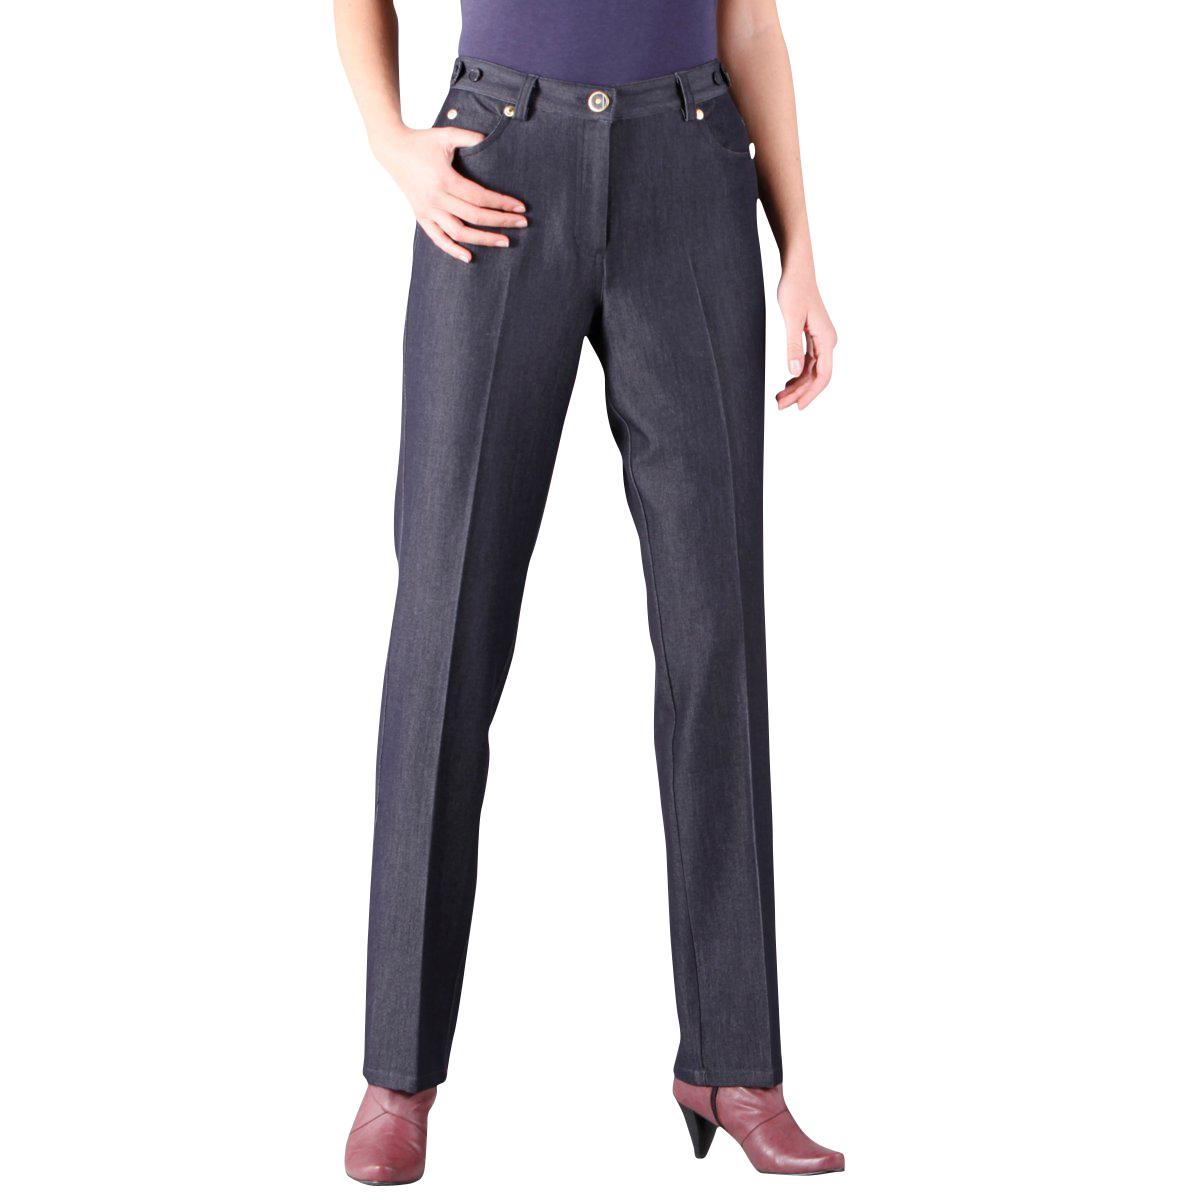 5 Længde Kvinders 30 Jeans Leg La Straight Redoute xw0ZXq5HnP